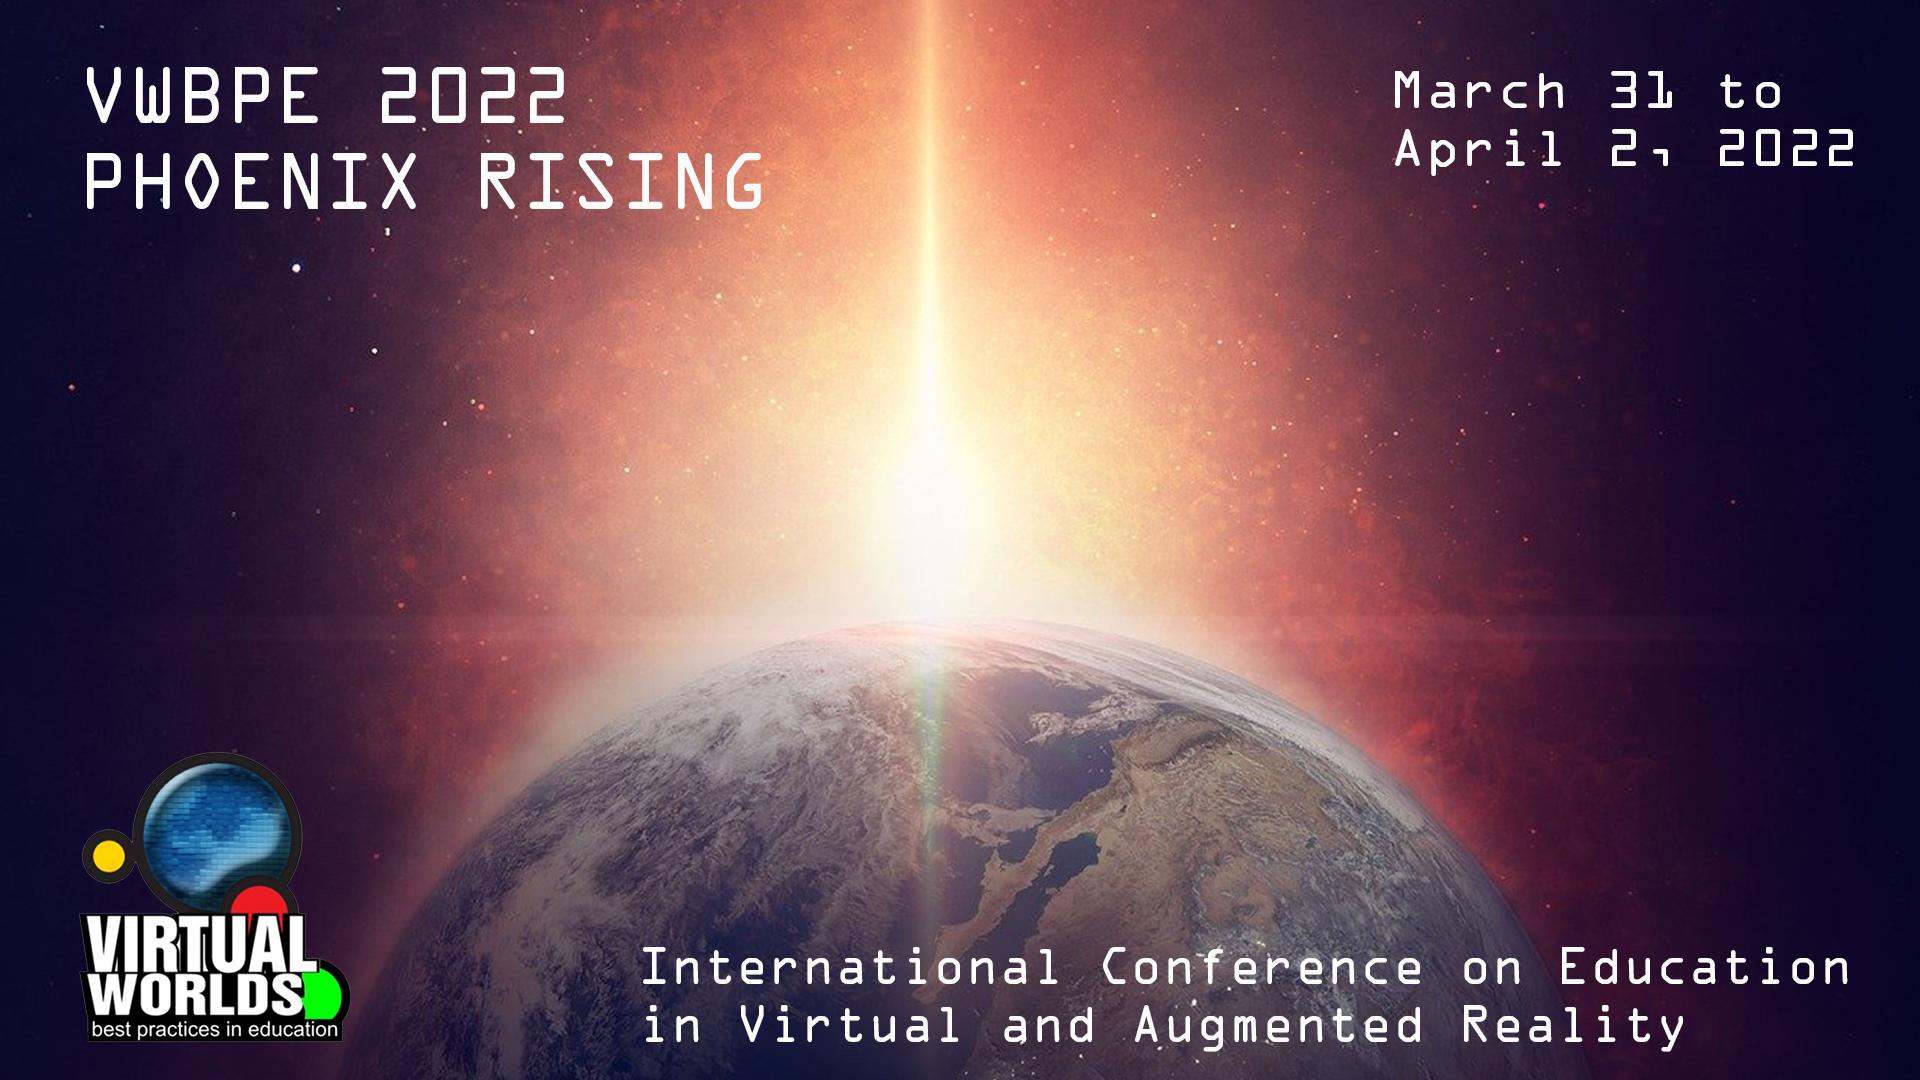 VWBPE 2022 Phoenix Rising